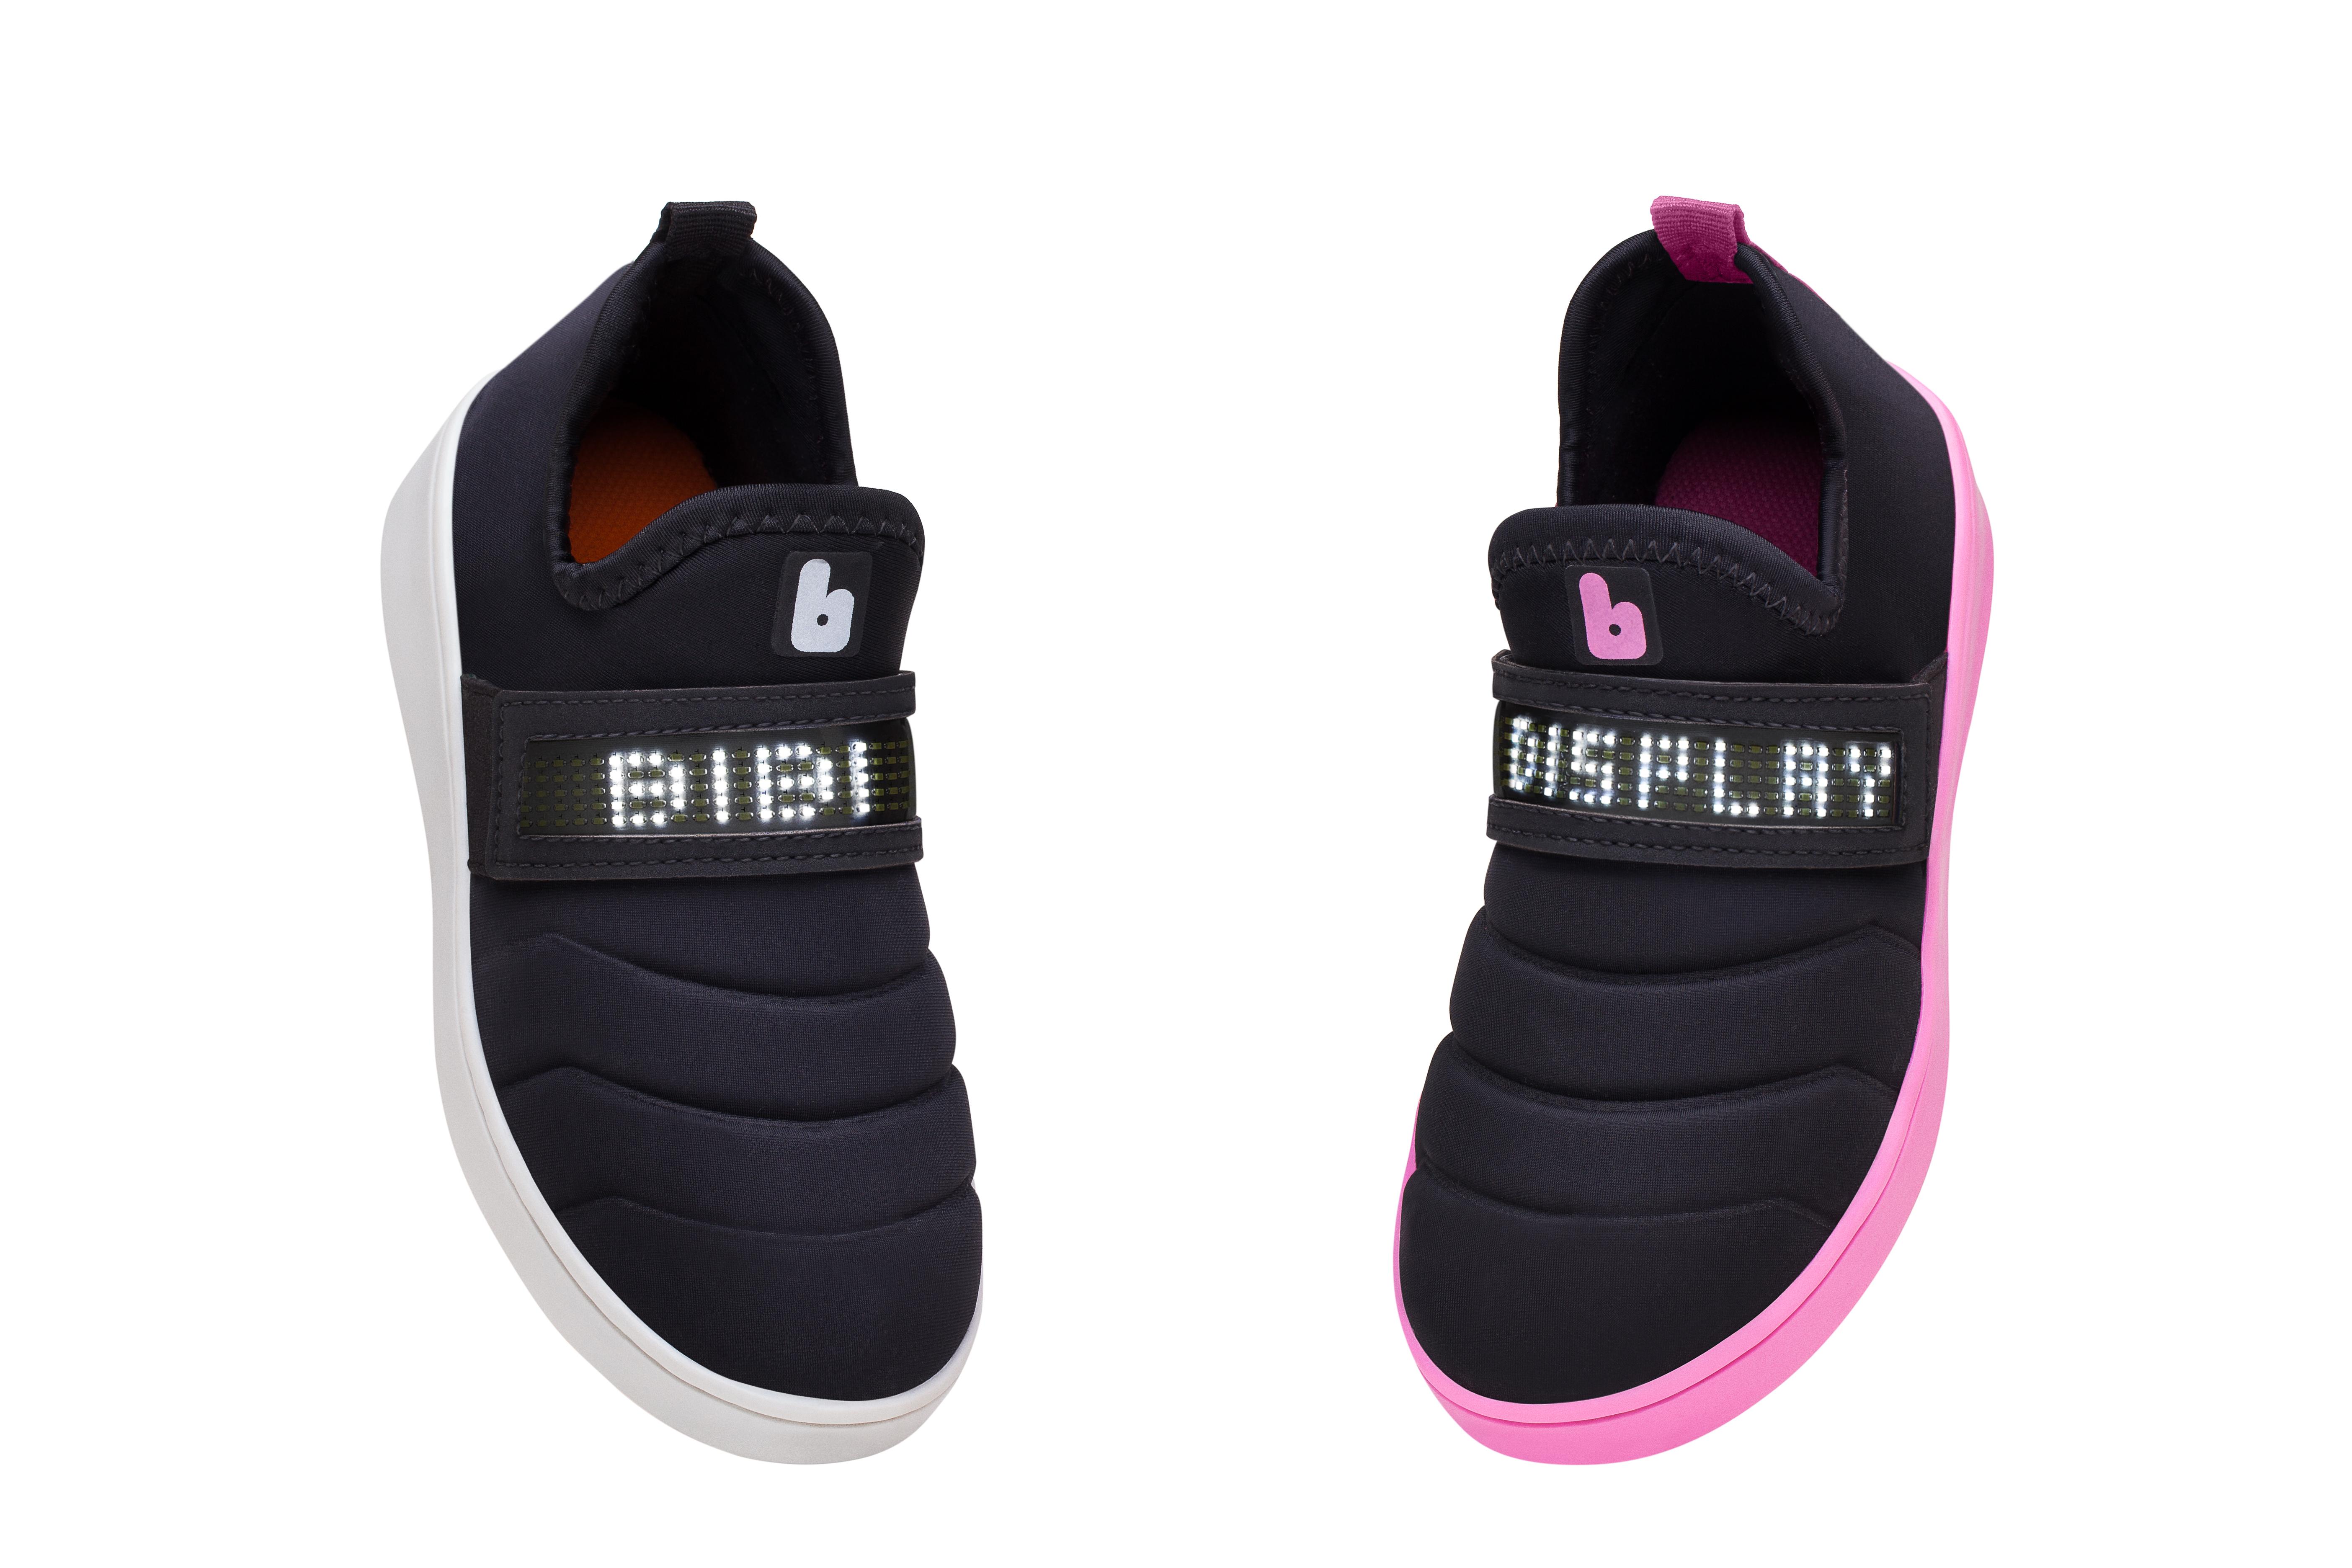 560c55483cb Calçados Bibi traz lançamento com tela de LED para o Dia das Crianças